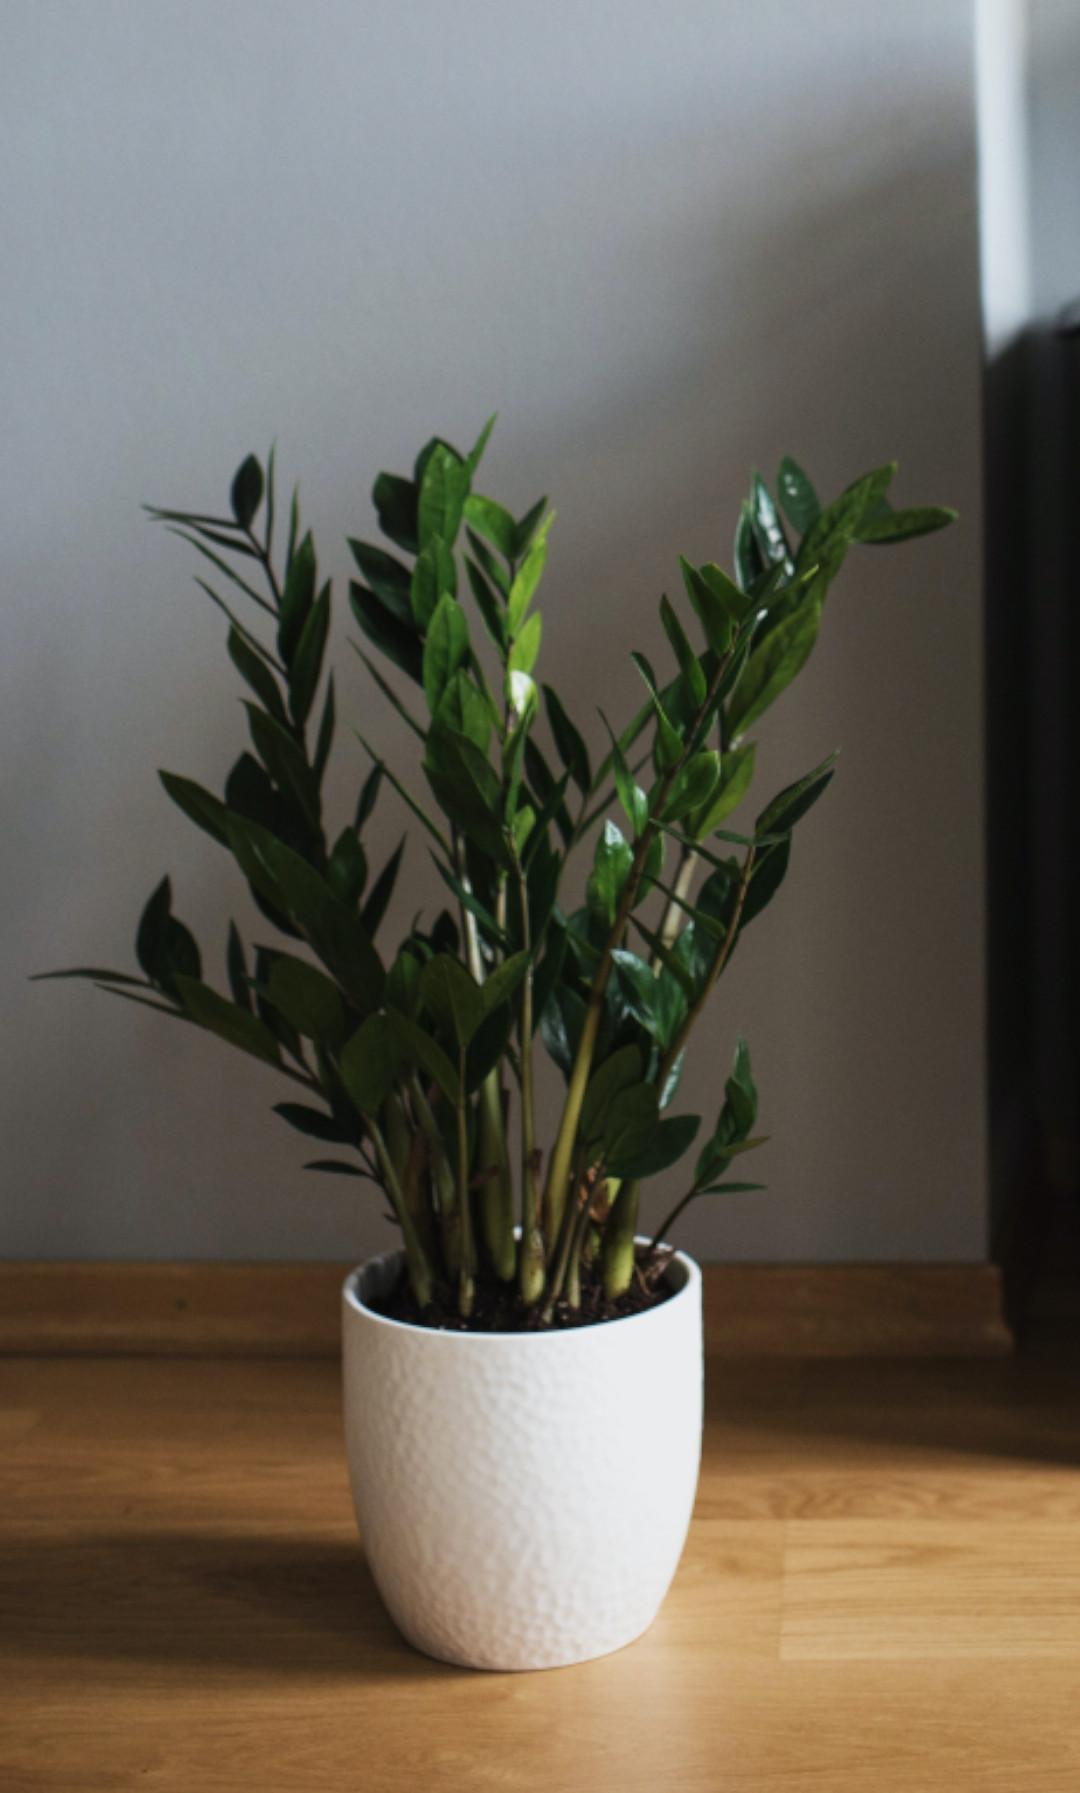 plante de bureau peu lumineux et télétravail, plante zz dans un pot blanc